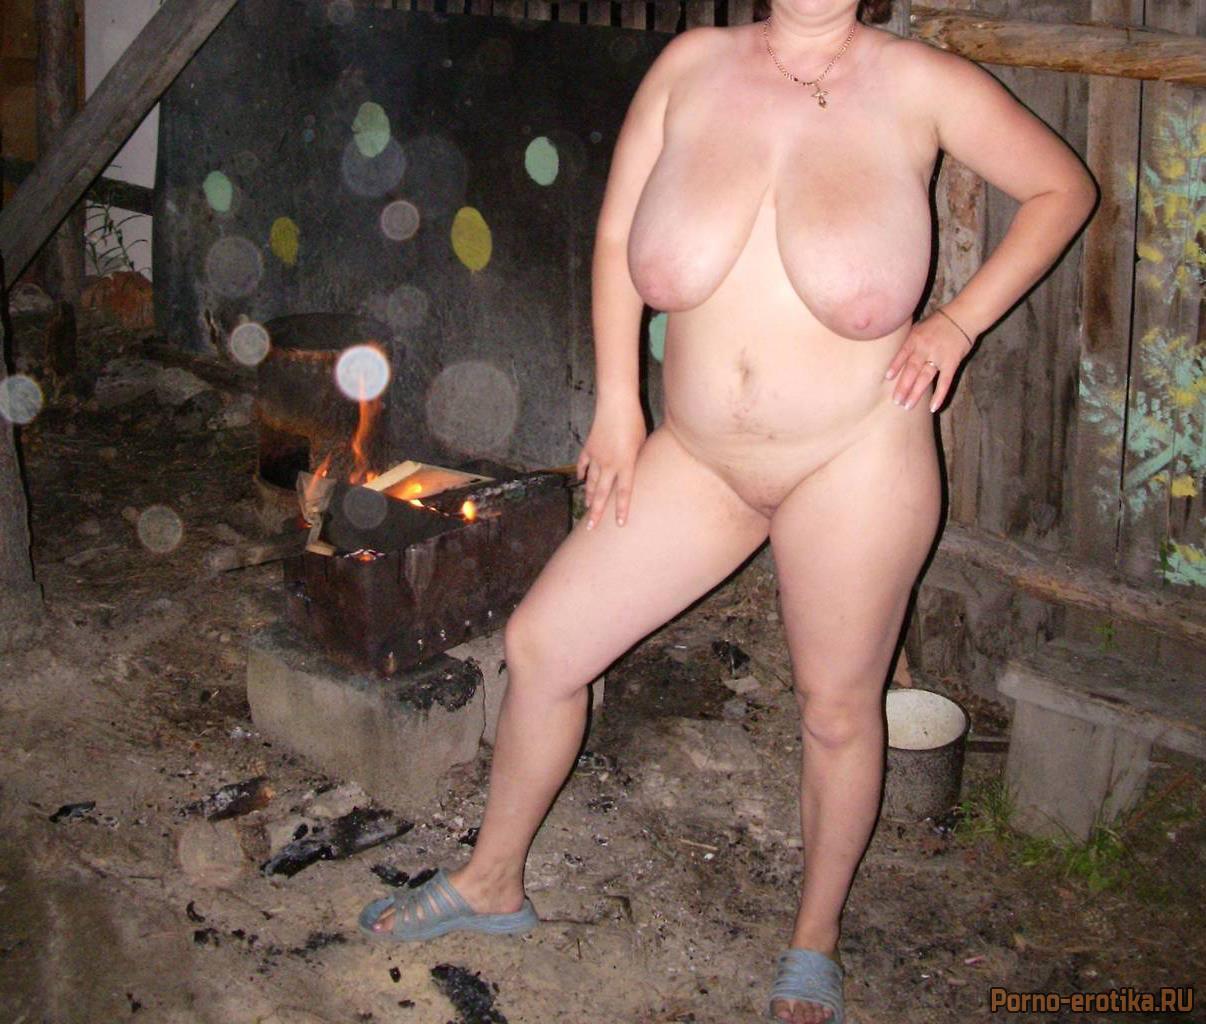 порно видео зрелых сисястых баб на даче голышом